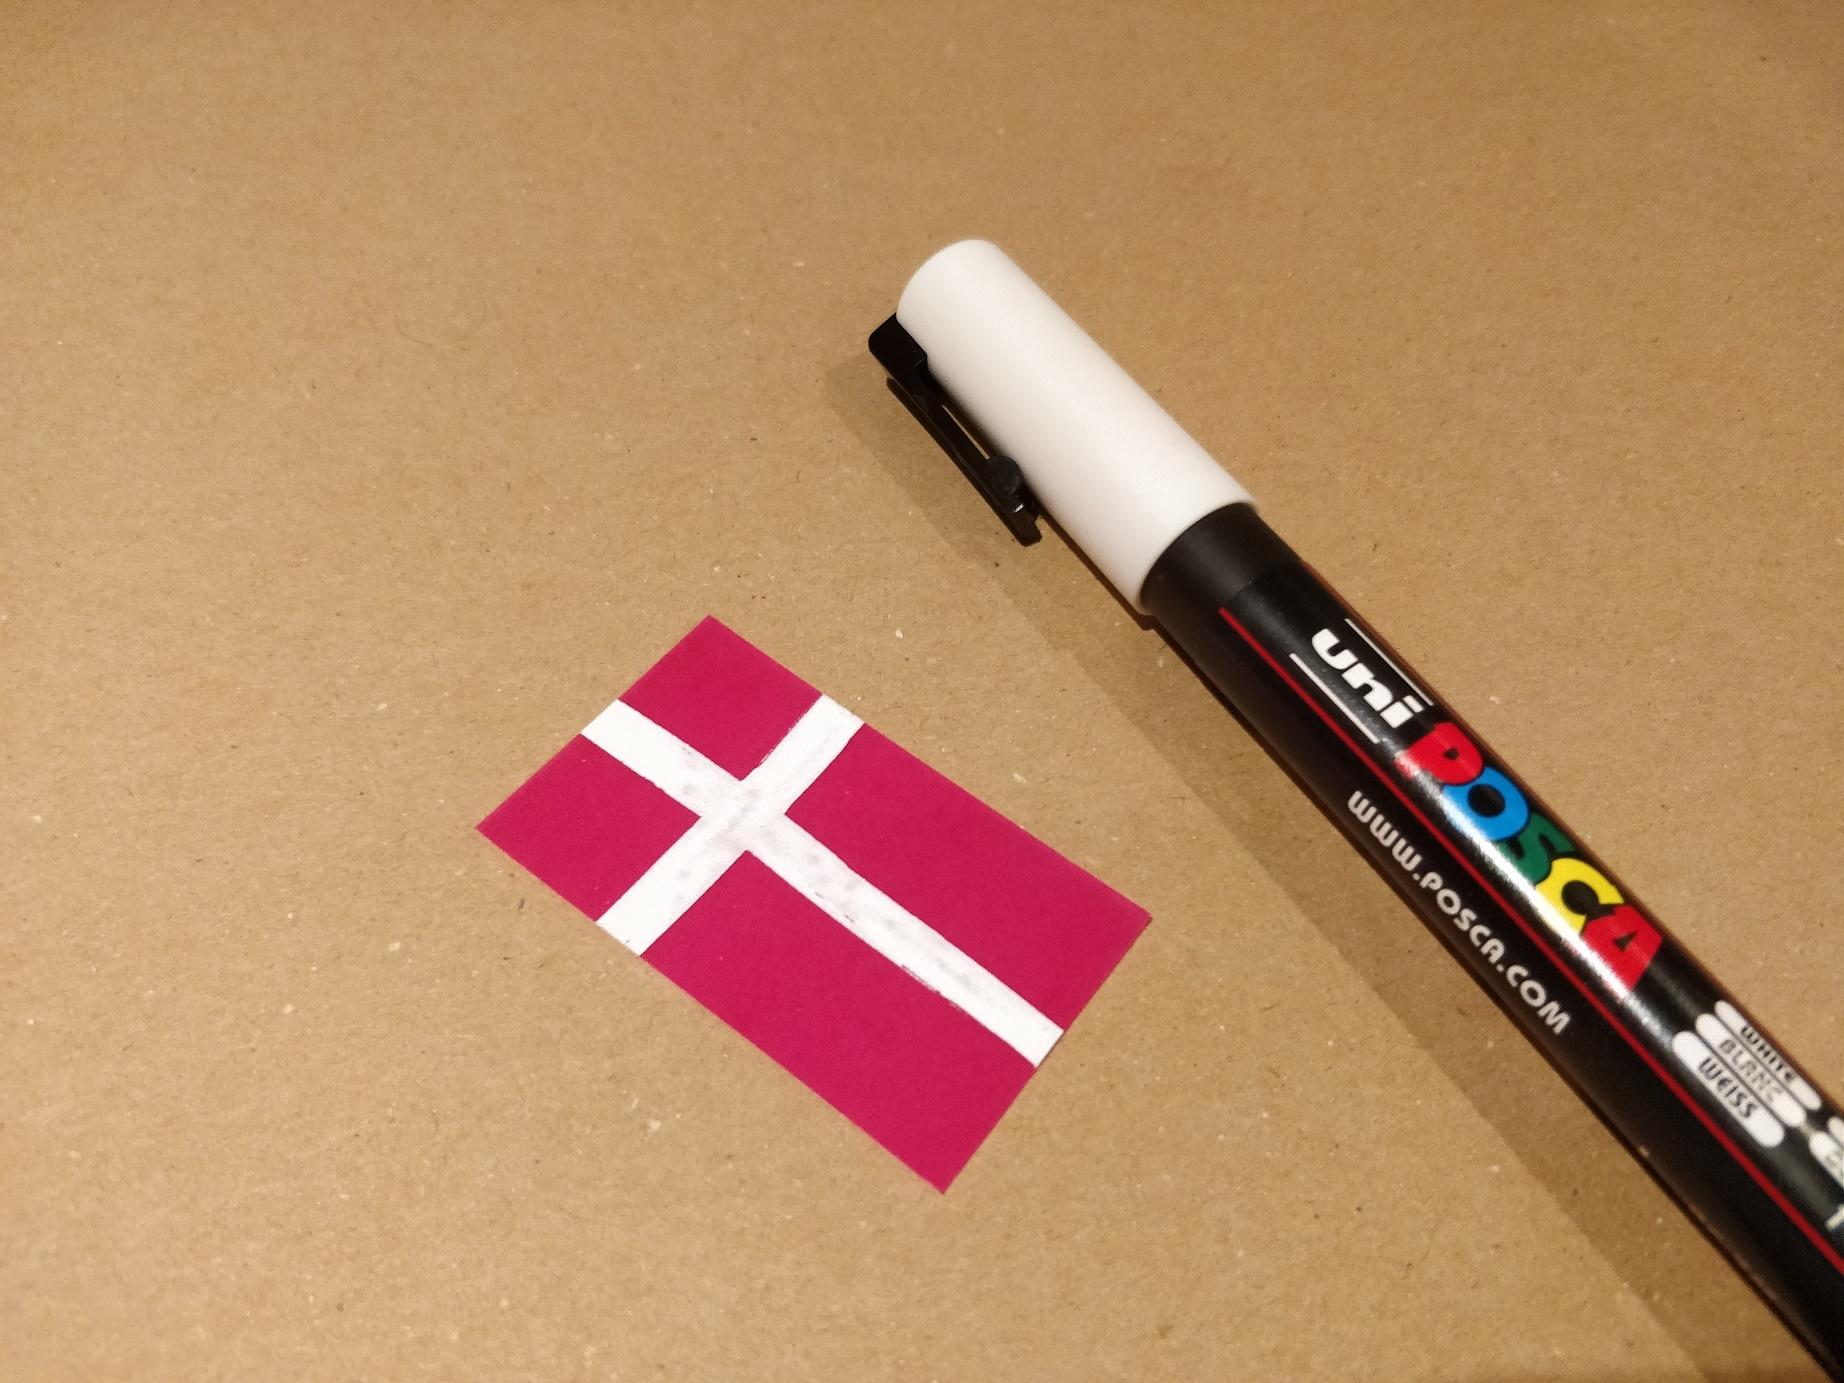 Flag på krympeplast tegnet med posca